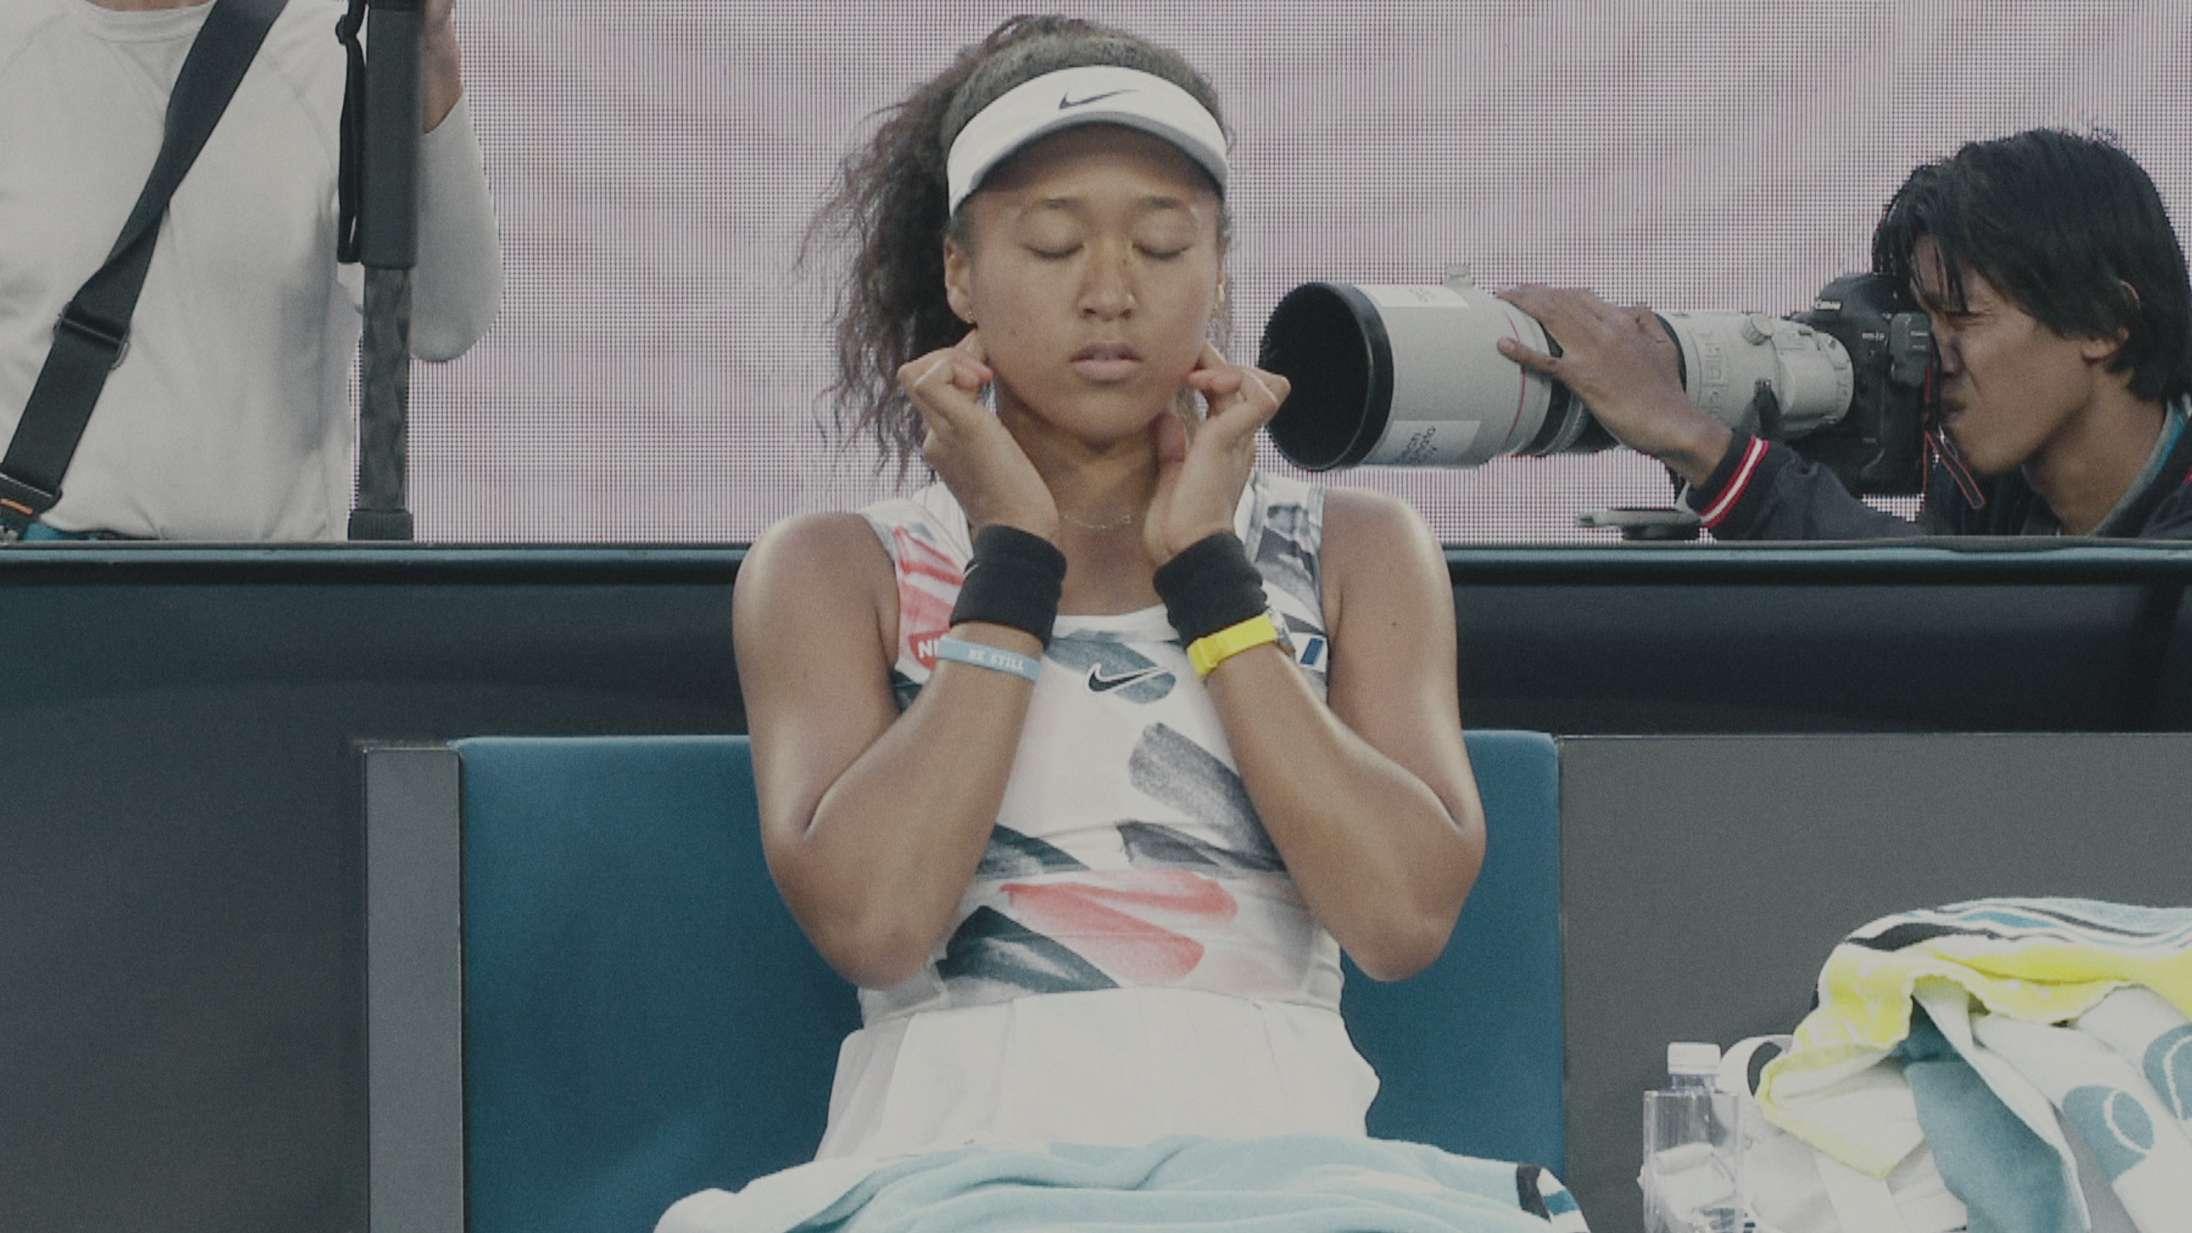 'Naomi Osaka': Netflix-dokumentar om tennissuperstjerne svigter sin hovedperson